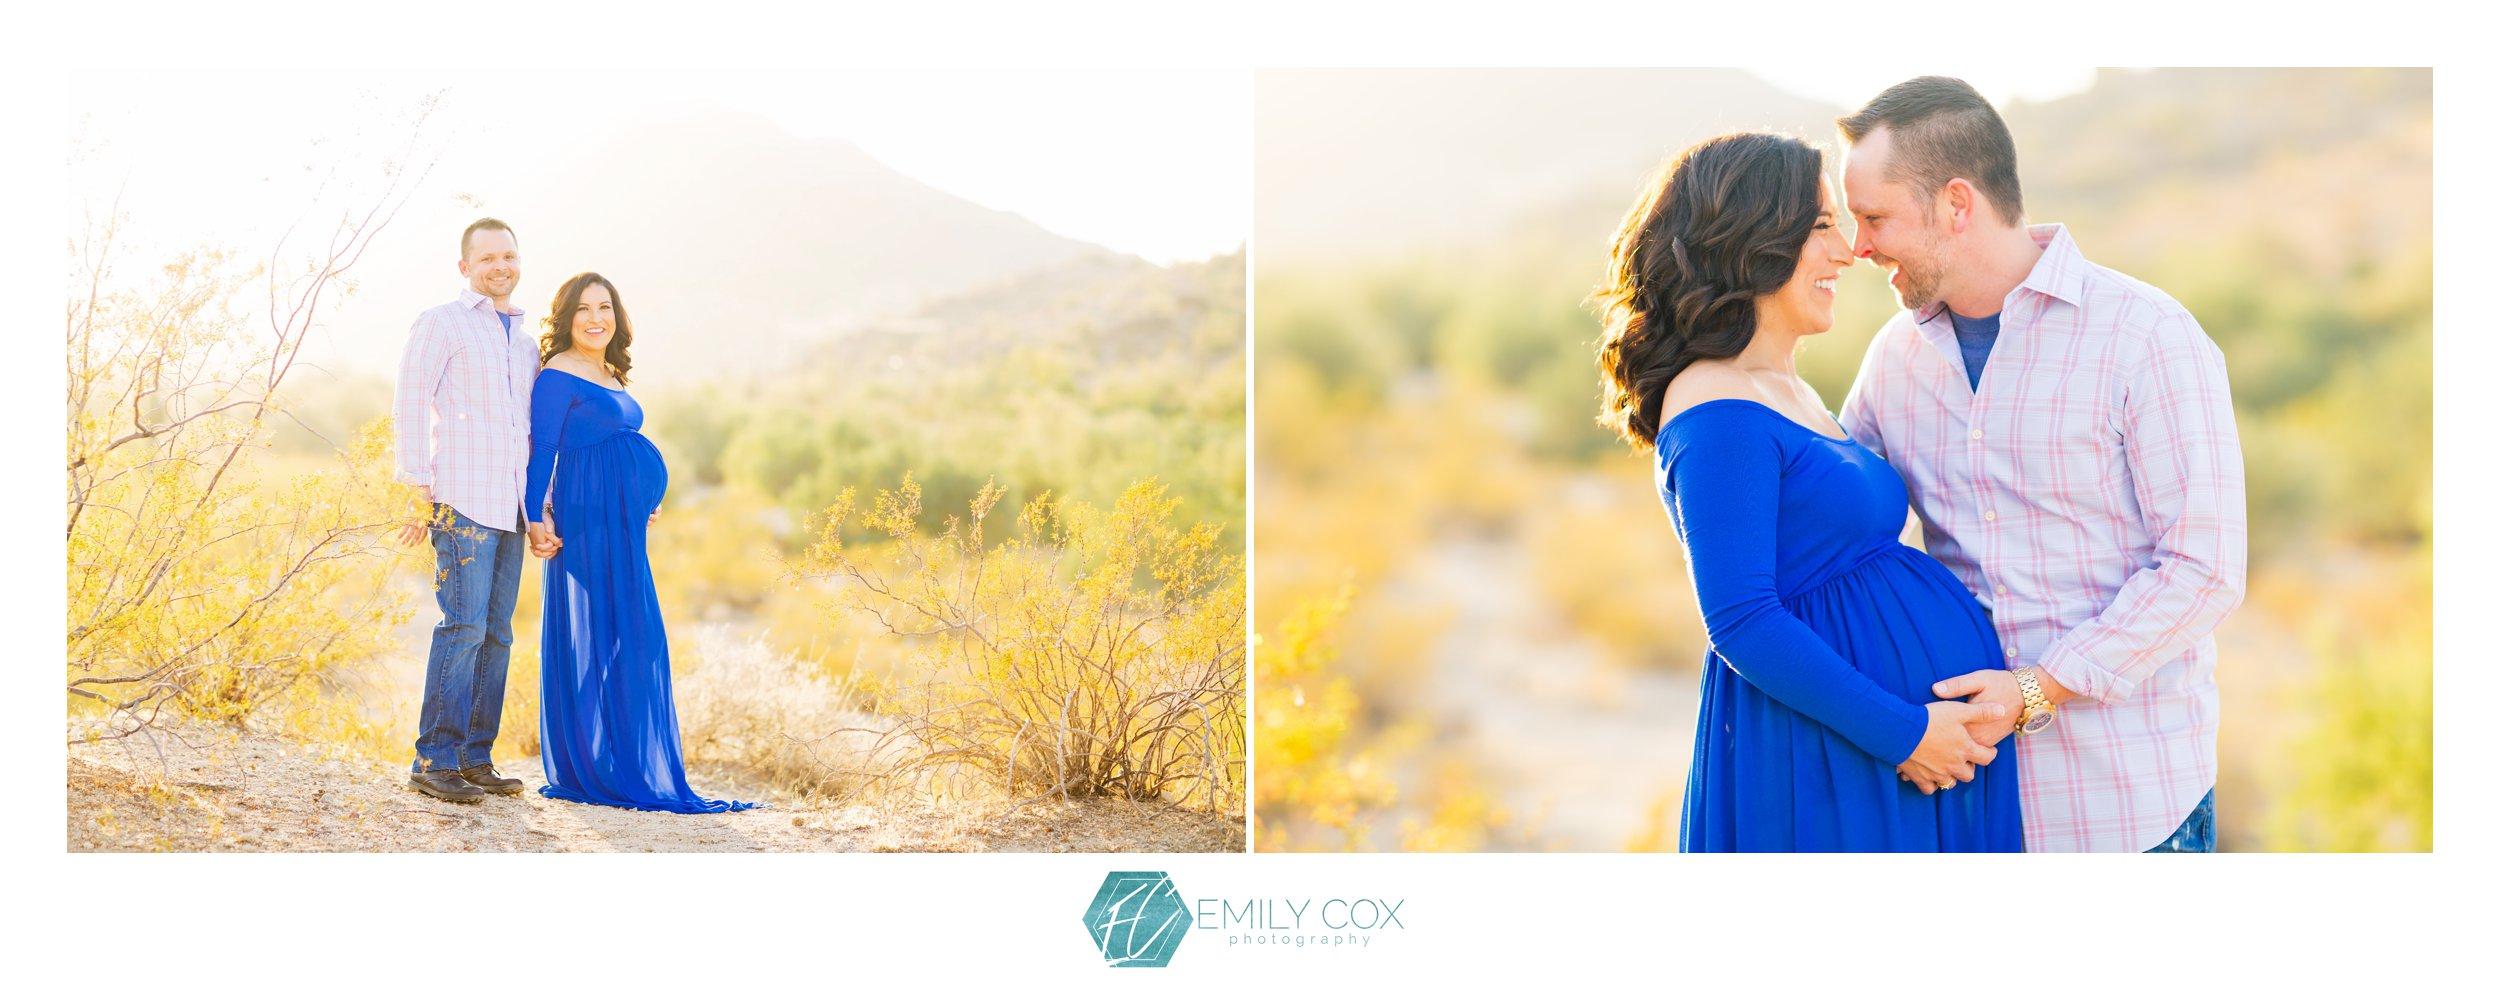 Desert inspired maternity photos